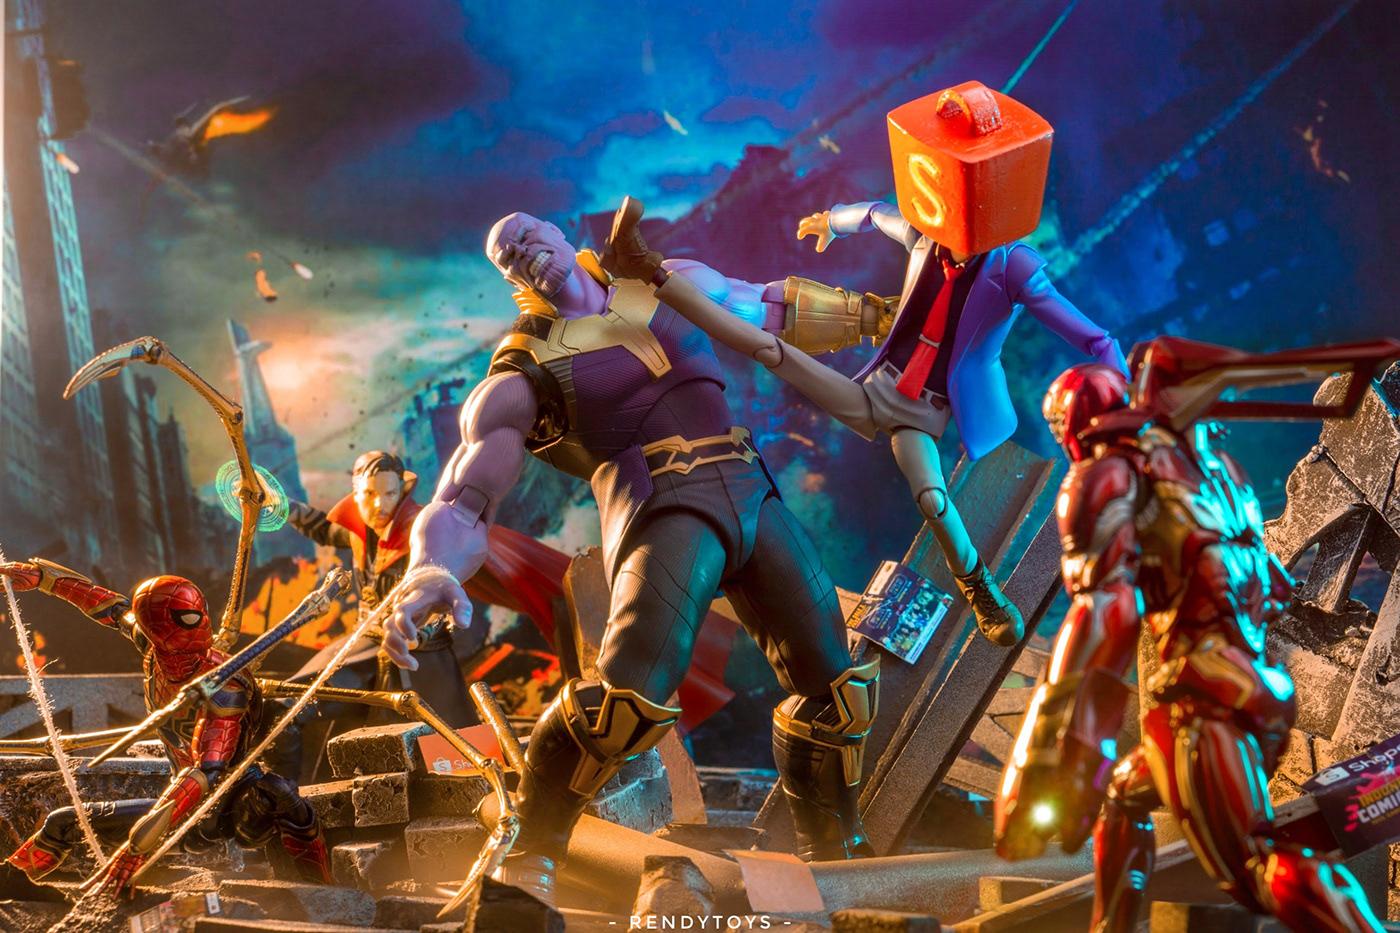 Action Figure Comic Con indonesia invitation design Shopee star wars toy design